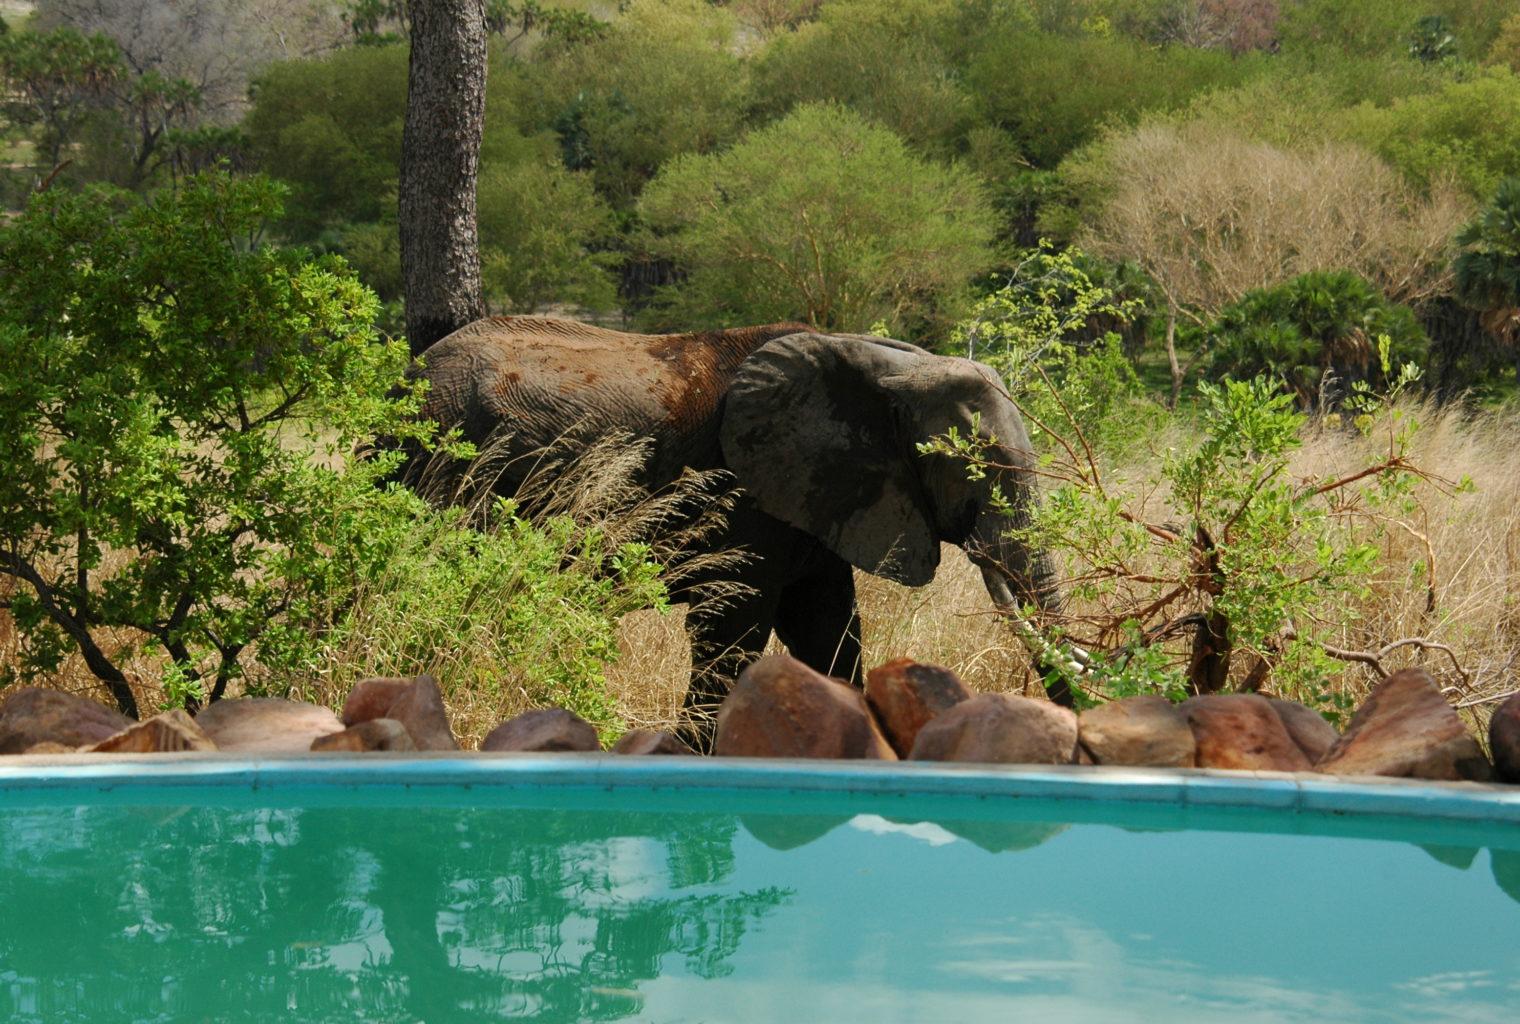 Beho Beho Tanzania Pool Elephant